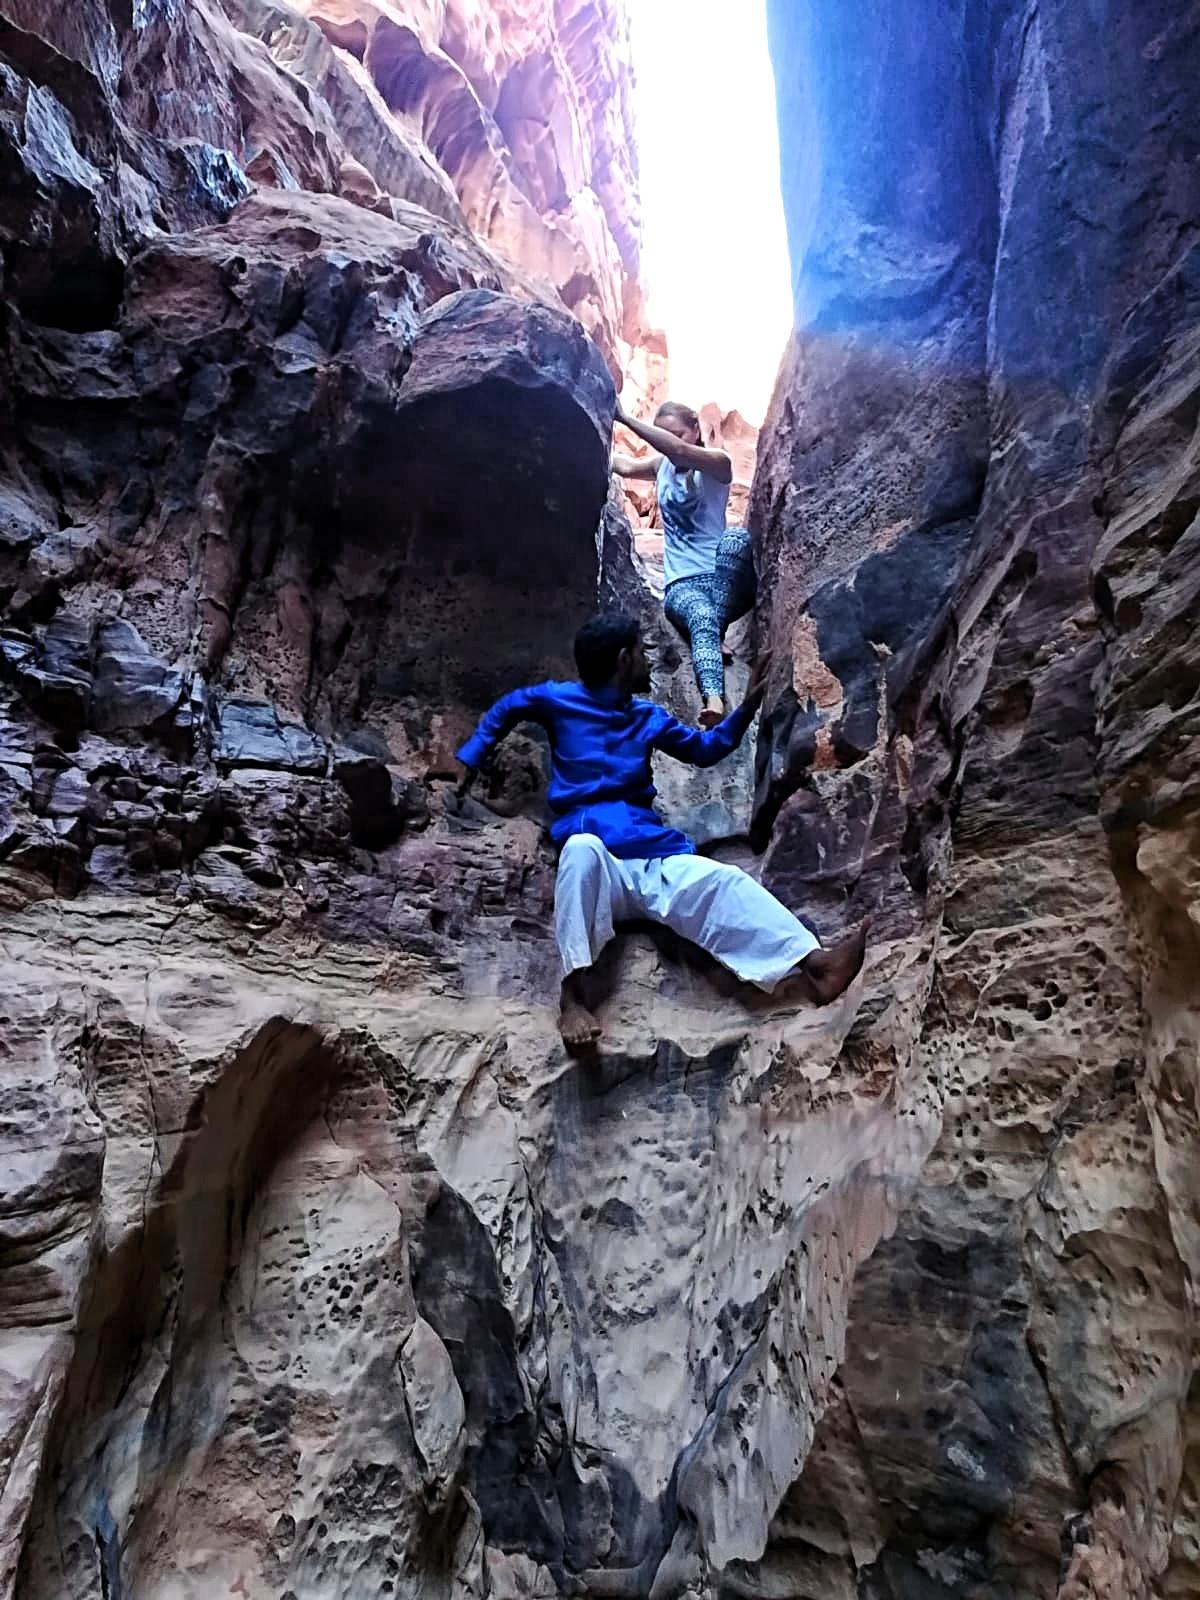 Jordanie - Canyon dans le désert de Wadi Rum